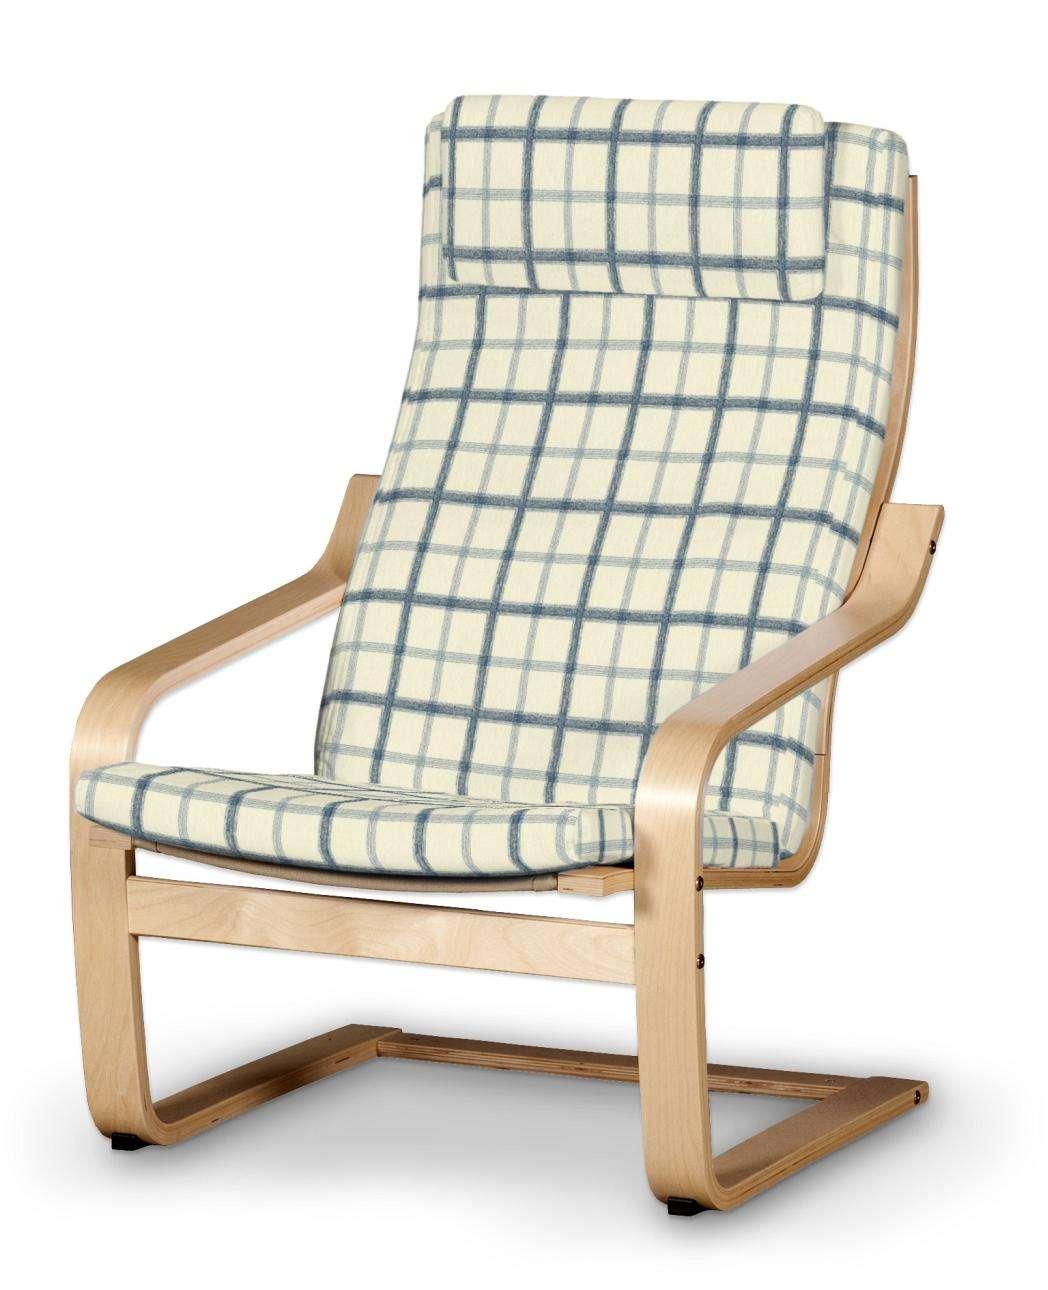 Poäng II  fotelio užvalkalas (su nuimama pagalvėle) Poäng II fotelis su nuimama pagalvėle kolekcijoje Avinon, audinys: 131-66